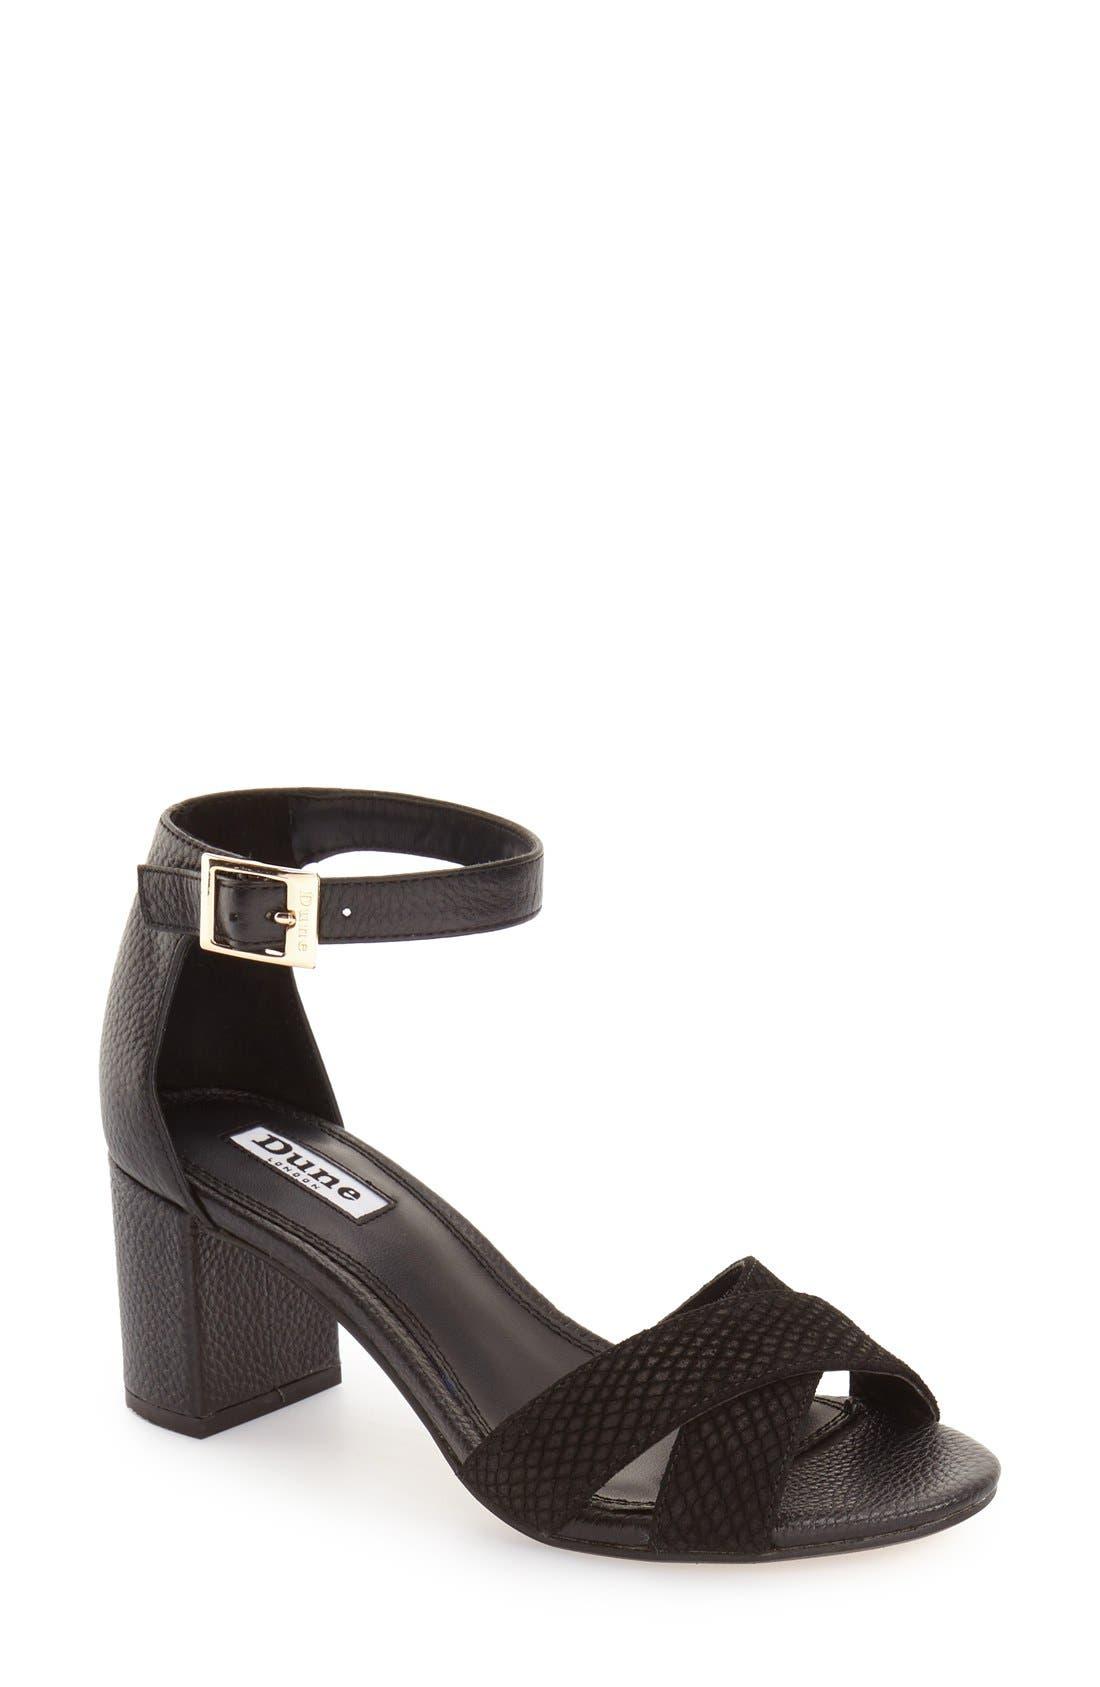 Alternate Image 1 Selected - Dune London 'Imelda' Block Heel Ankle Strap Sandal (Women)